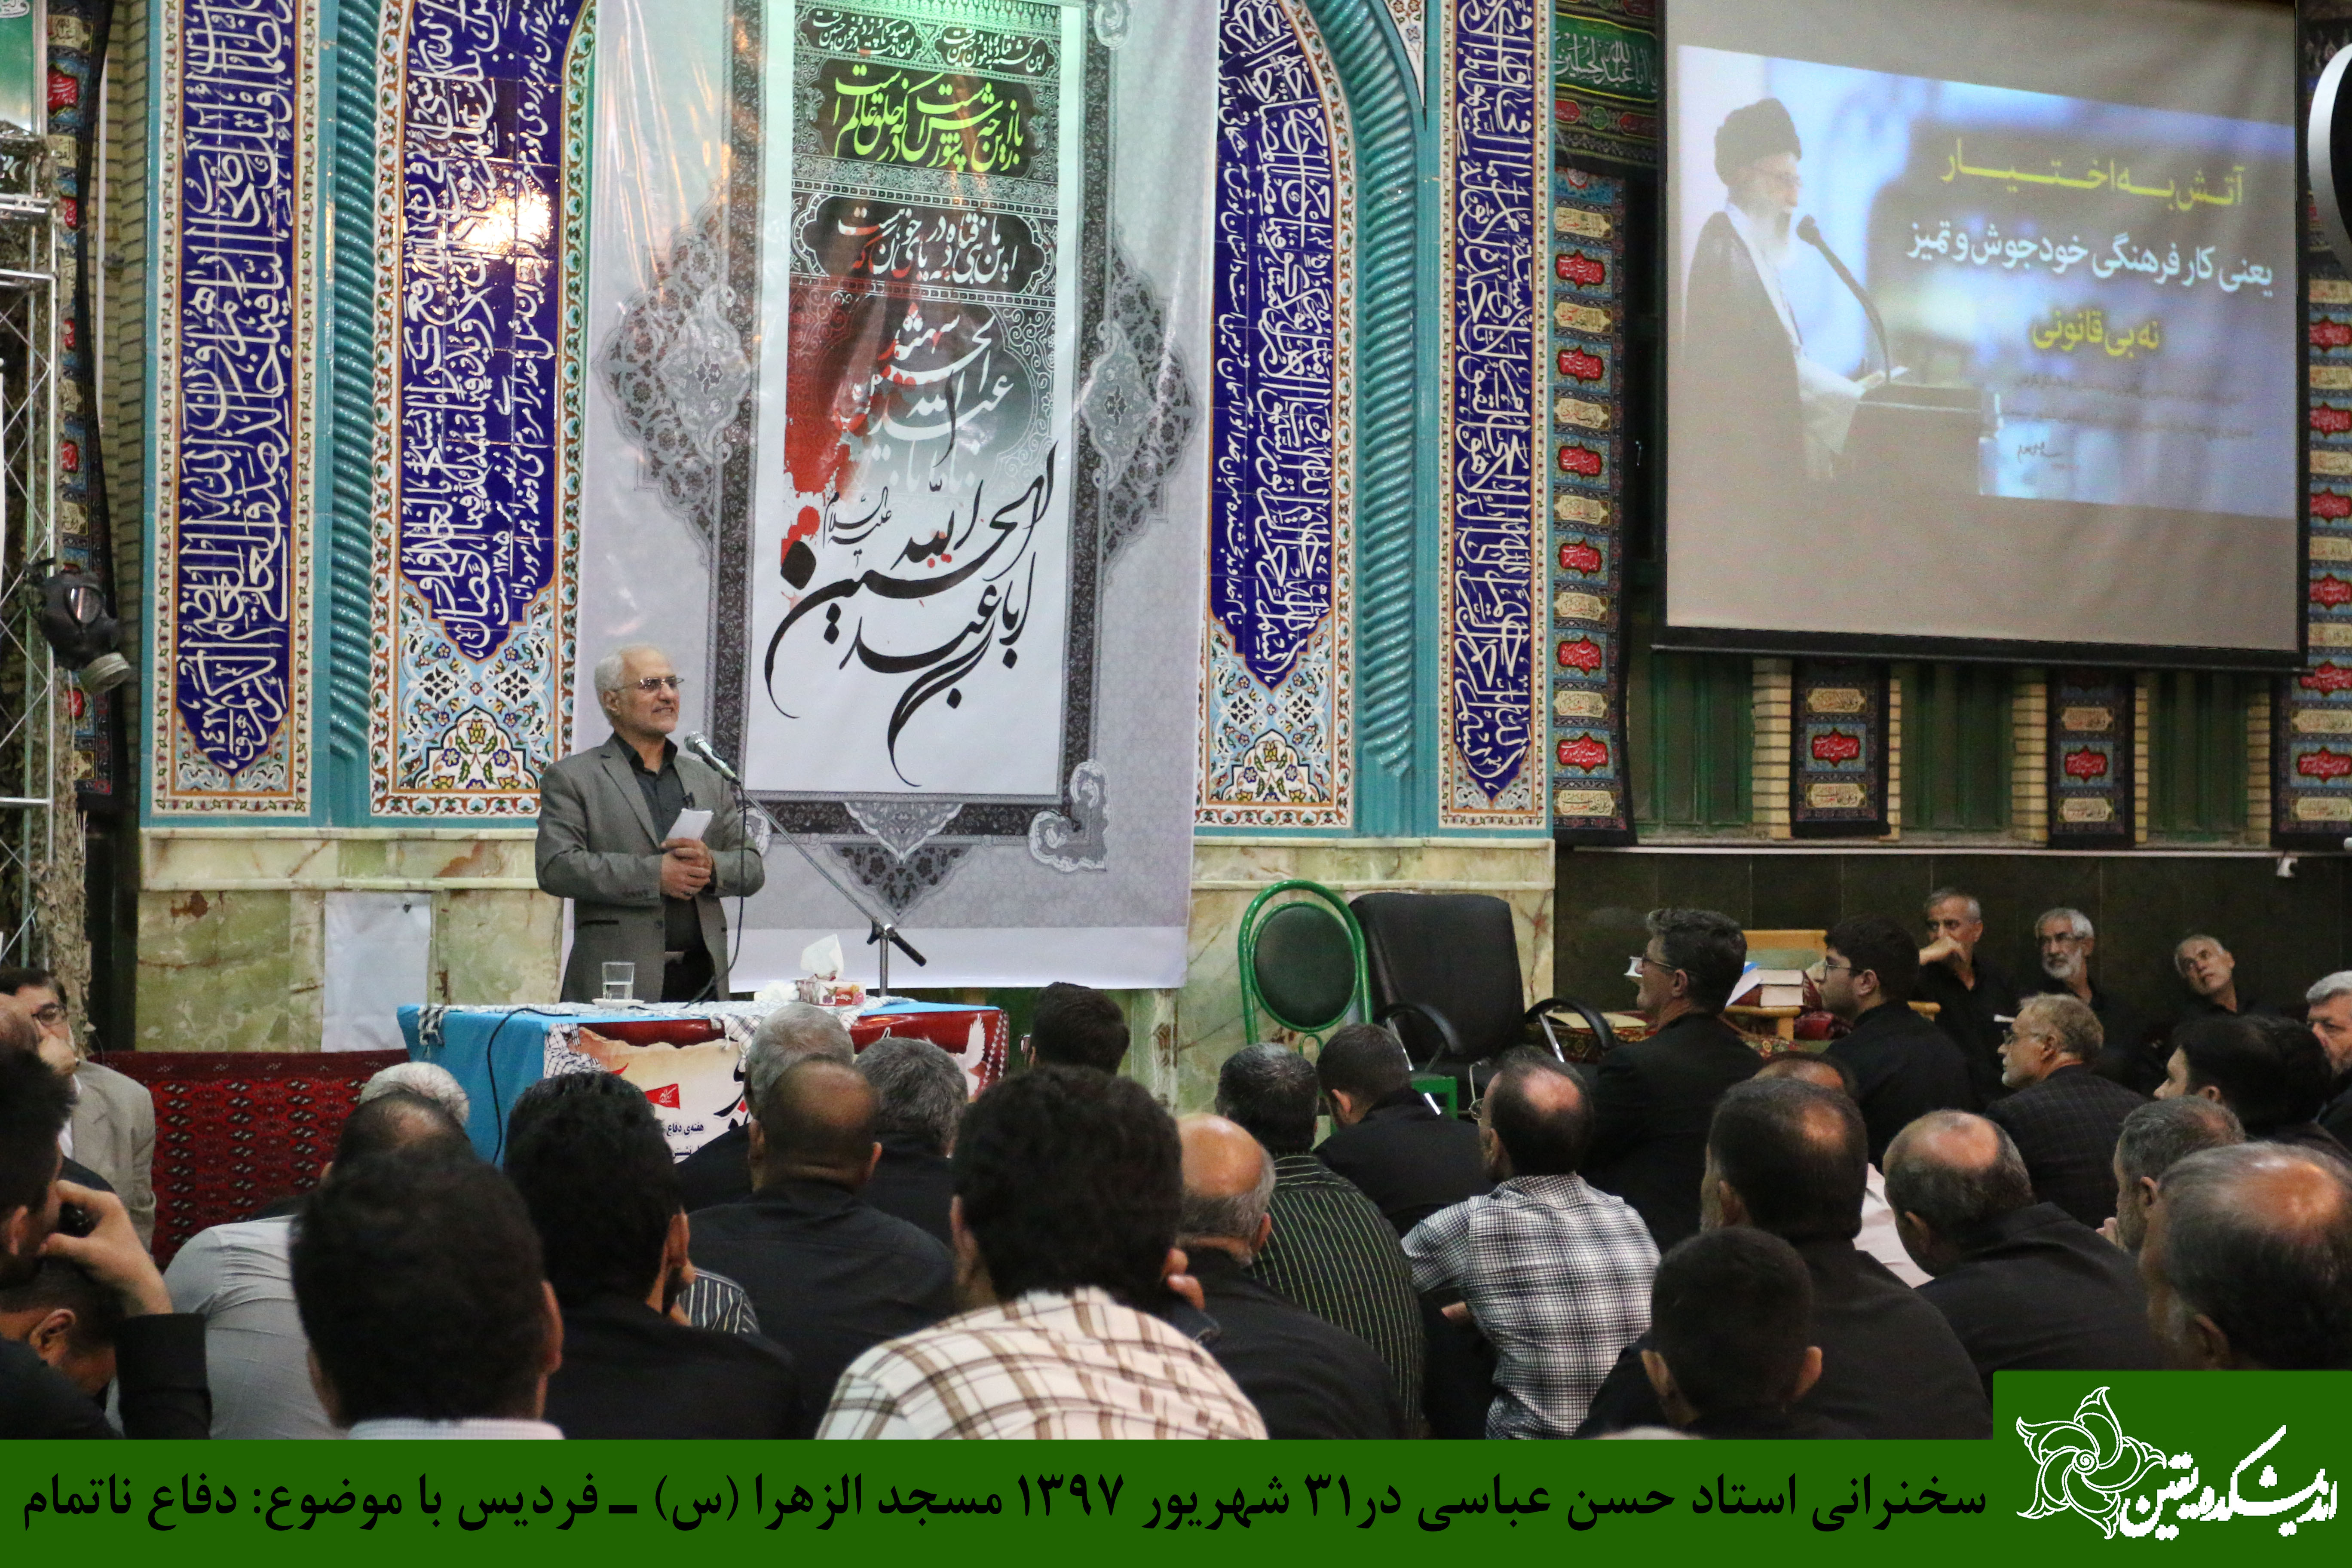 سخنرانی استاد حسن عباسی در مسجد الزهرا(س) فردیس - دفاع ناتمام